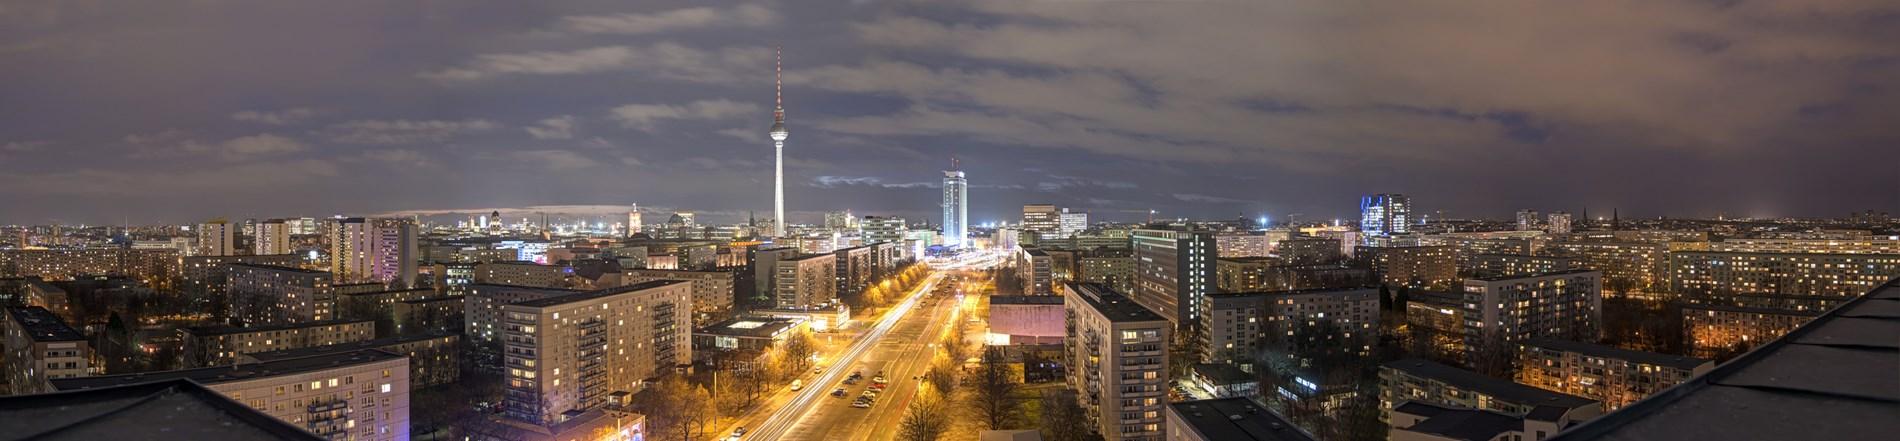 טיסות לברלין